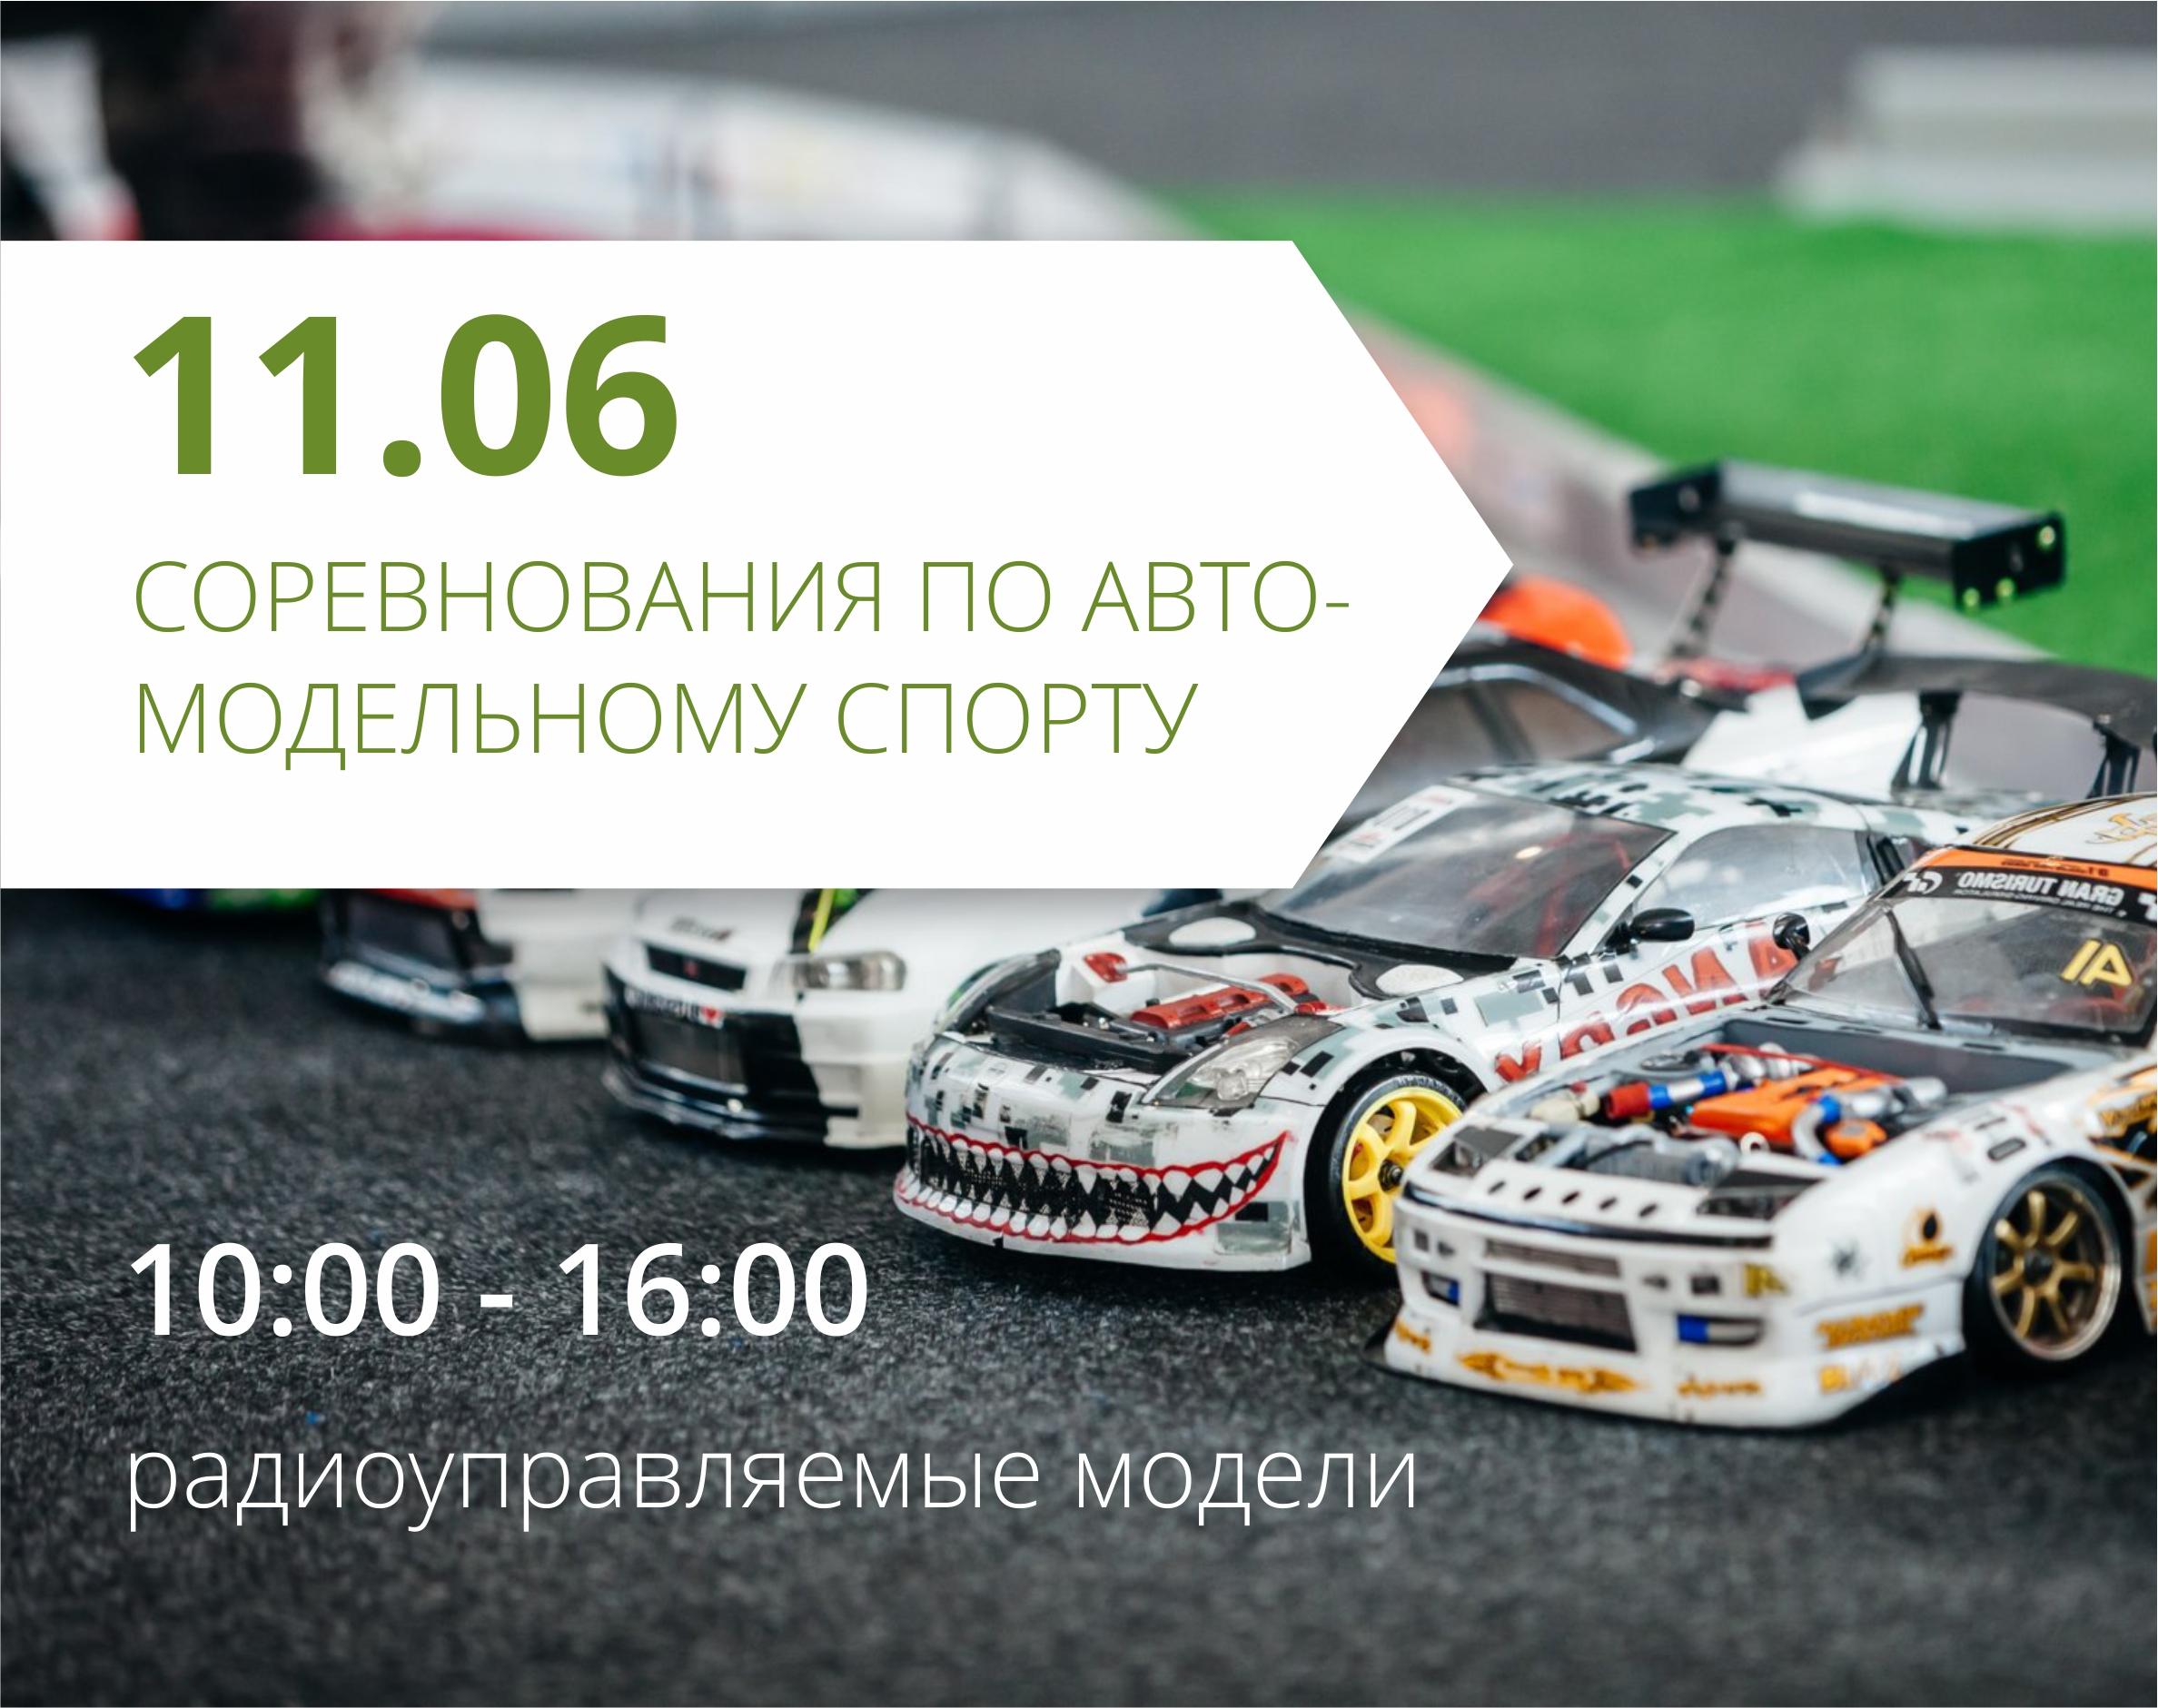 Приглашаем на областные открытые соревнования учащейся молодежи по автомодельному спорту